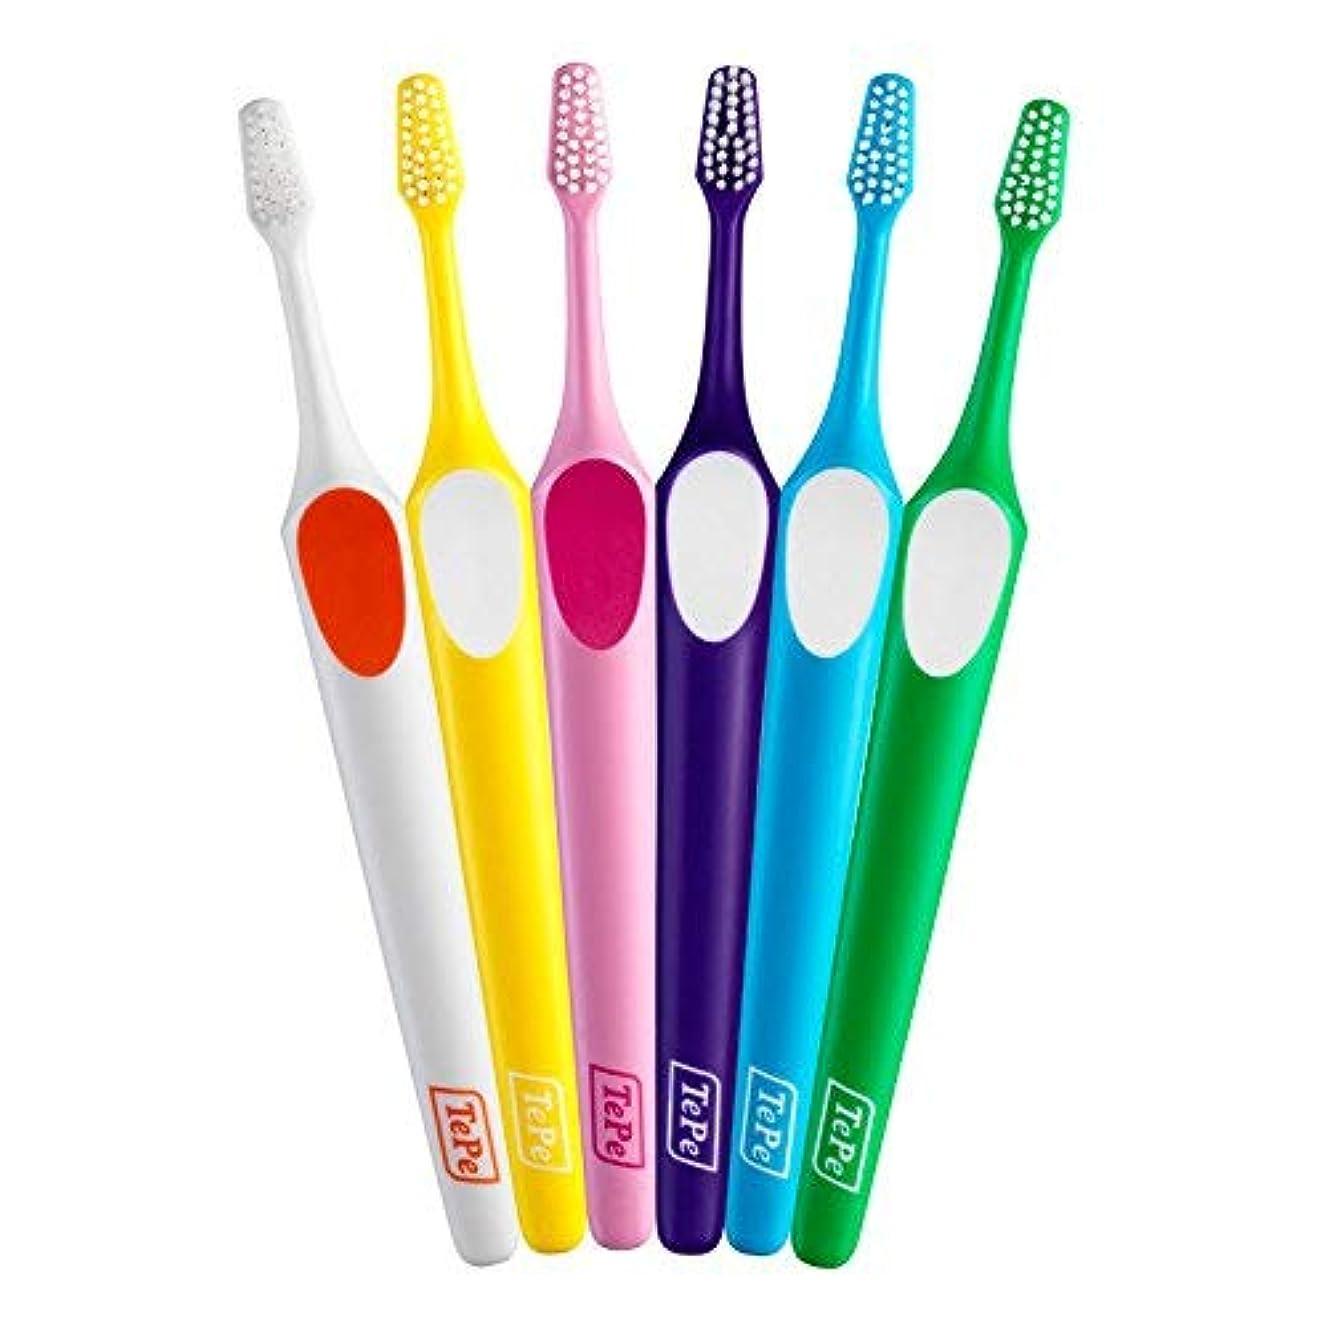 胴体反応するピューTePe テペ 歯ブラシ スプリーム コンパクト 20本入